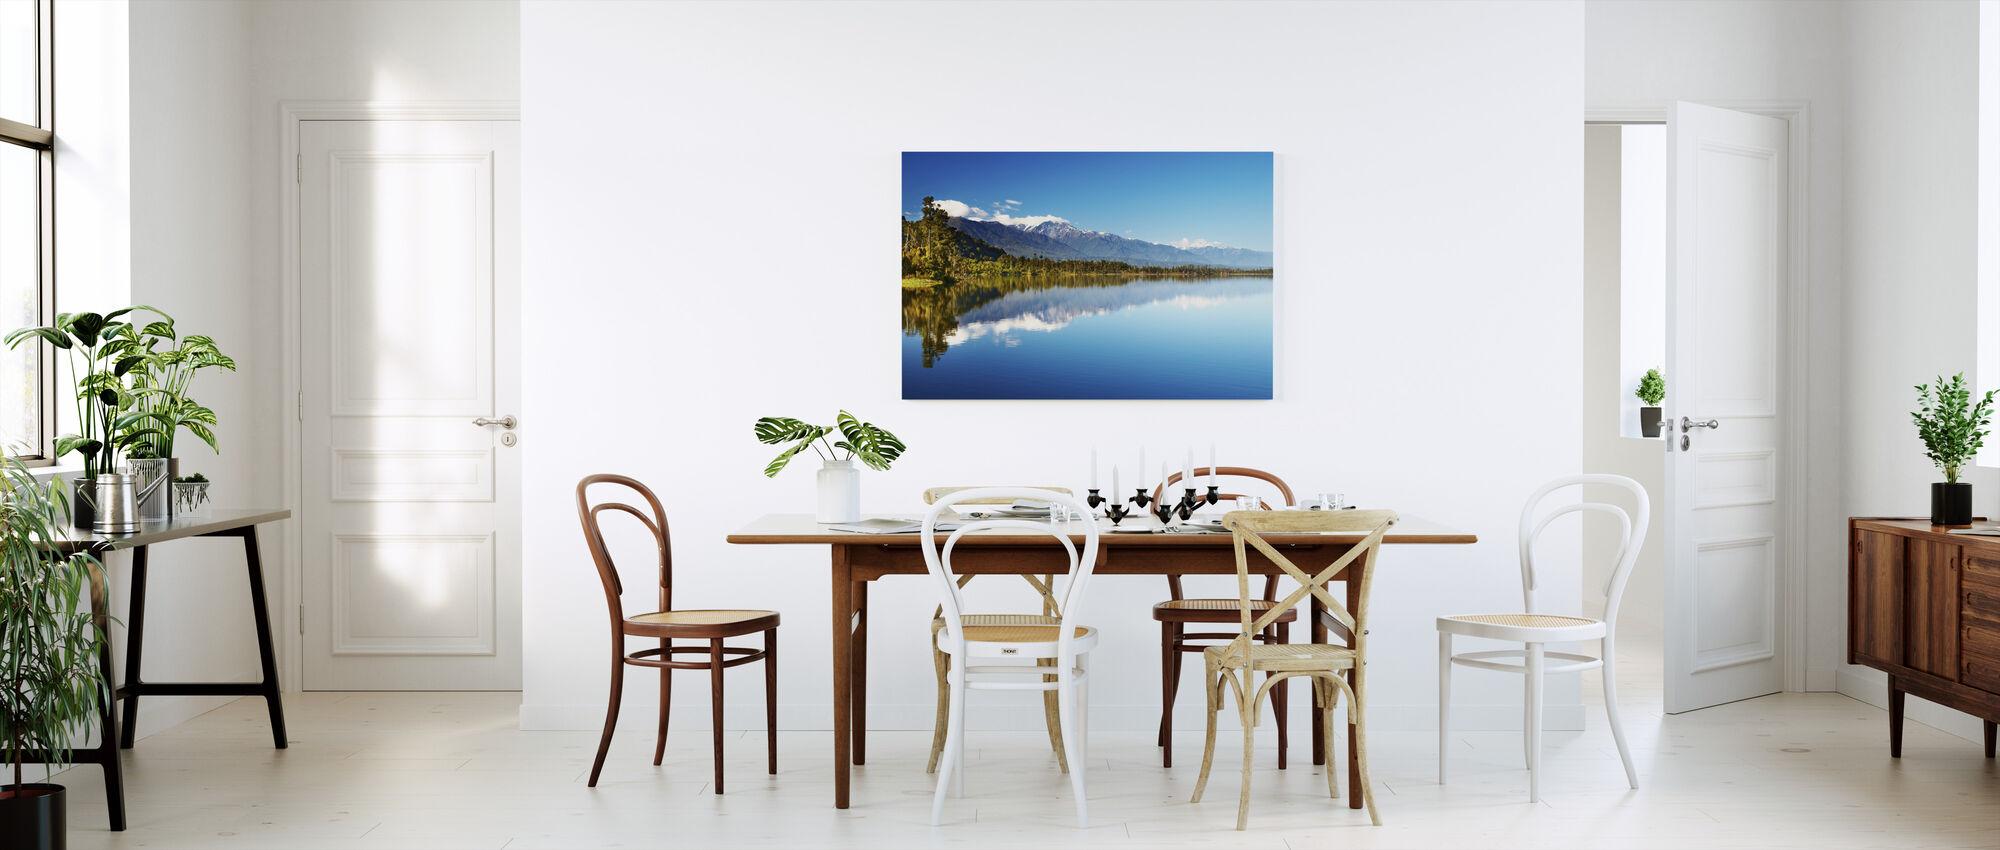 Kaunis järvi, Uusi-Seelanti - Canvastaulu - Keittiö